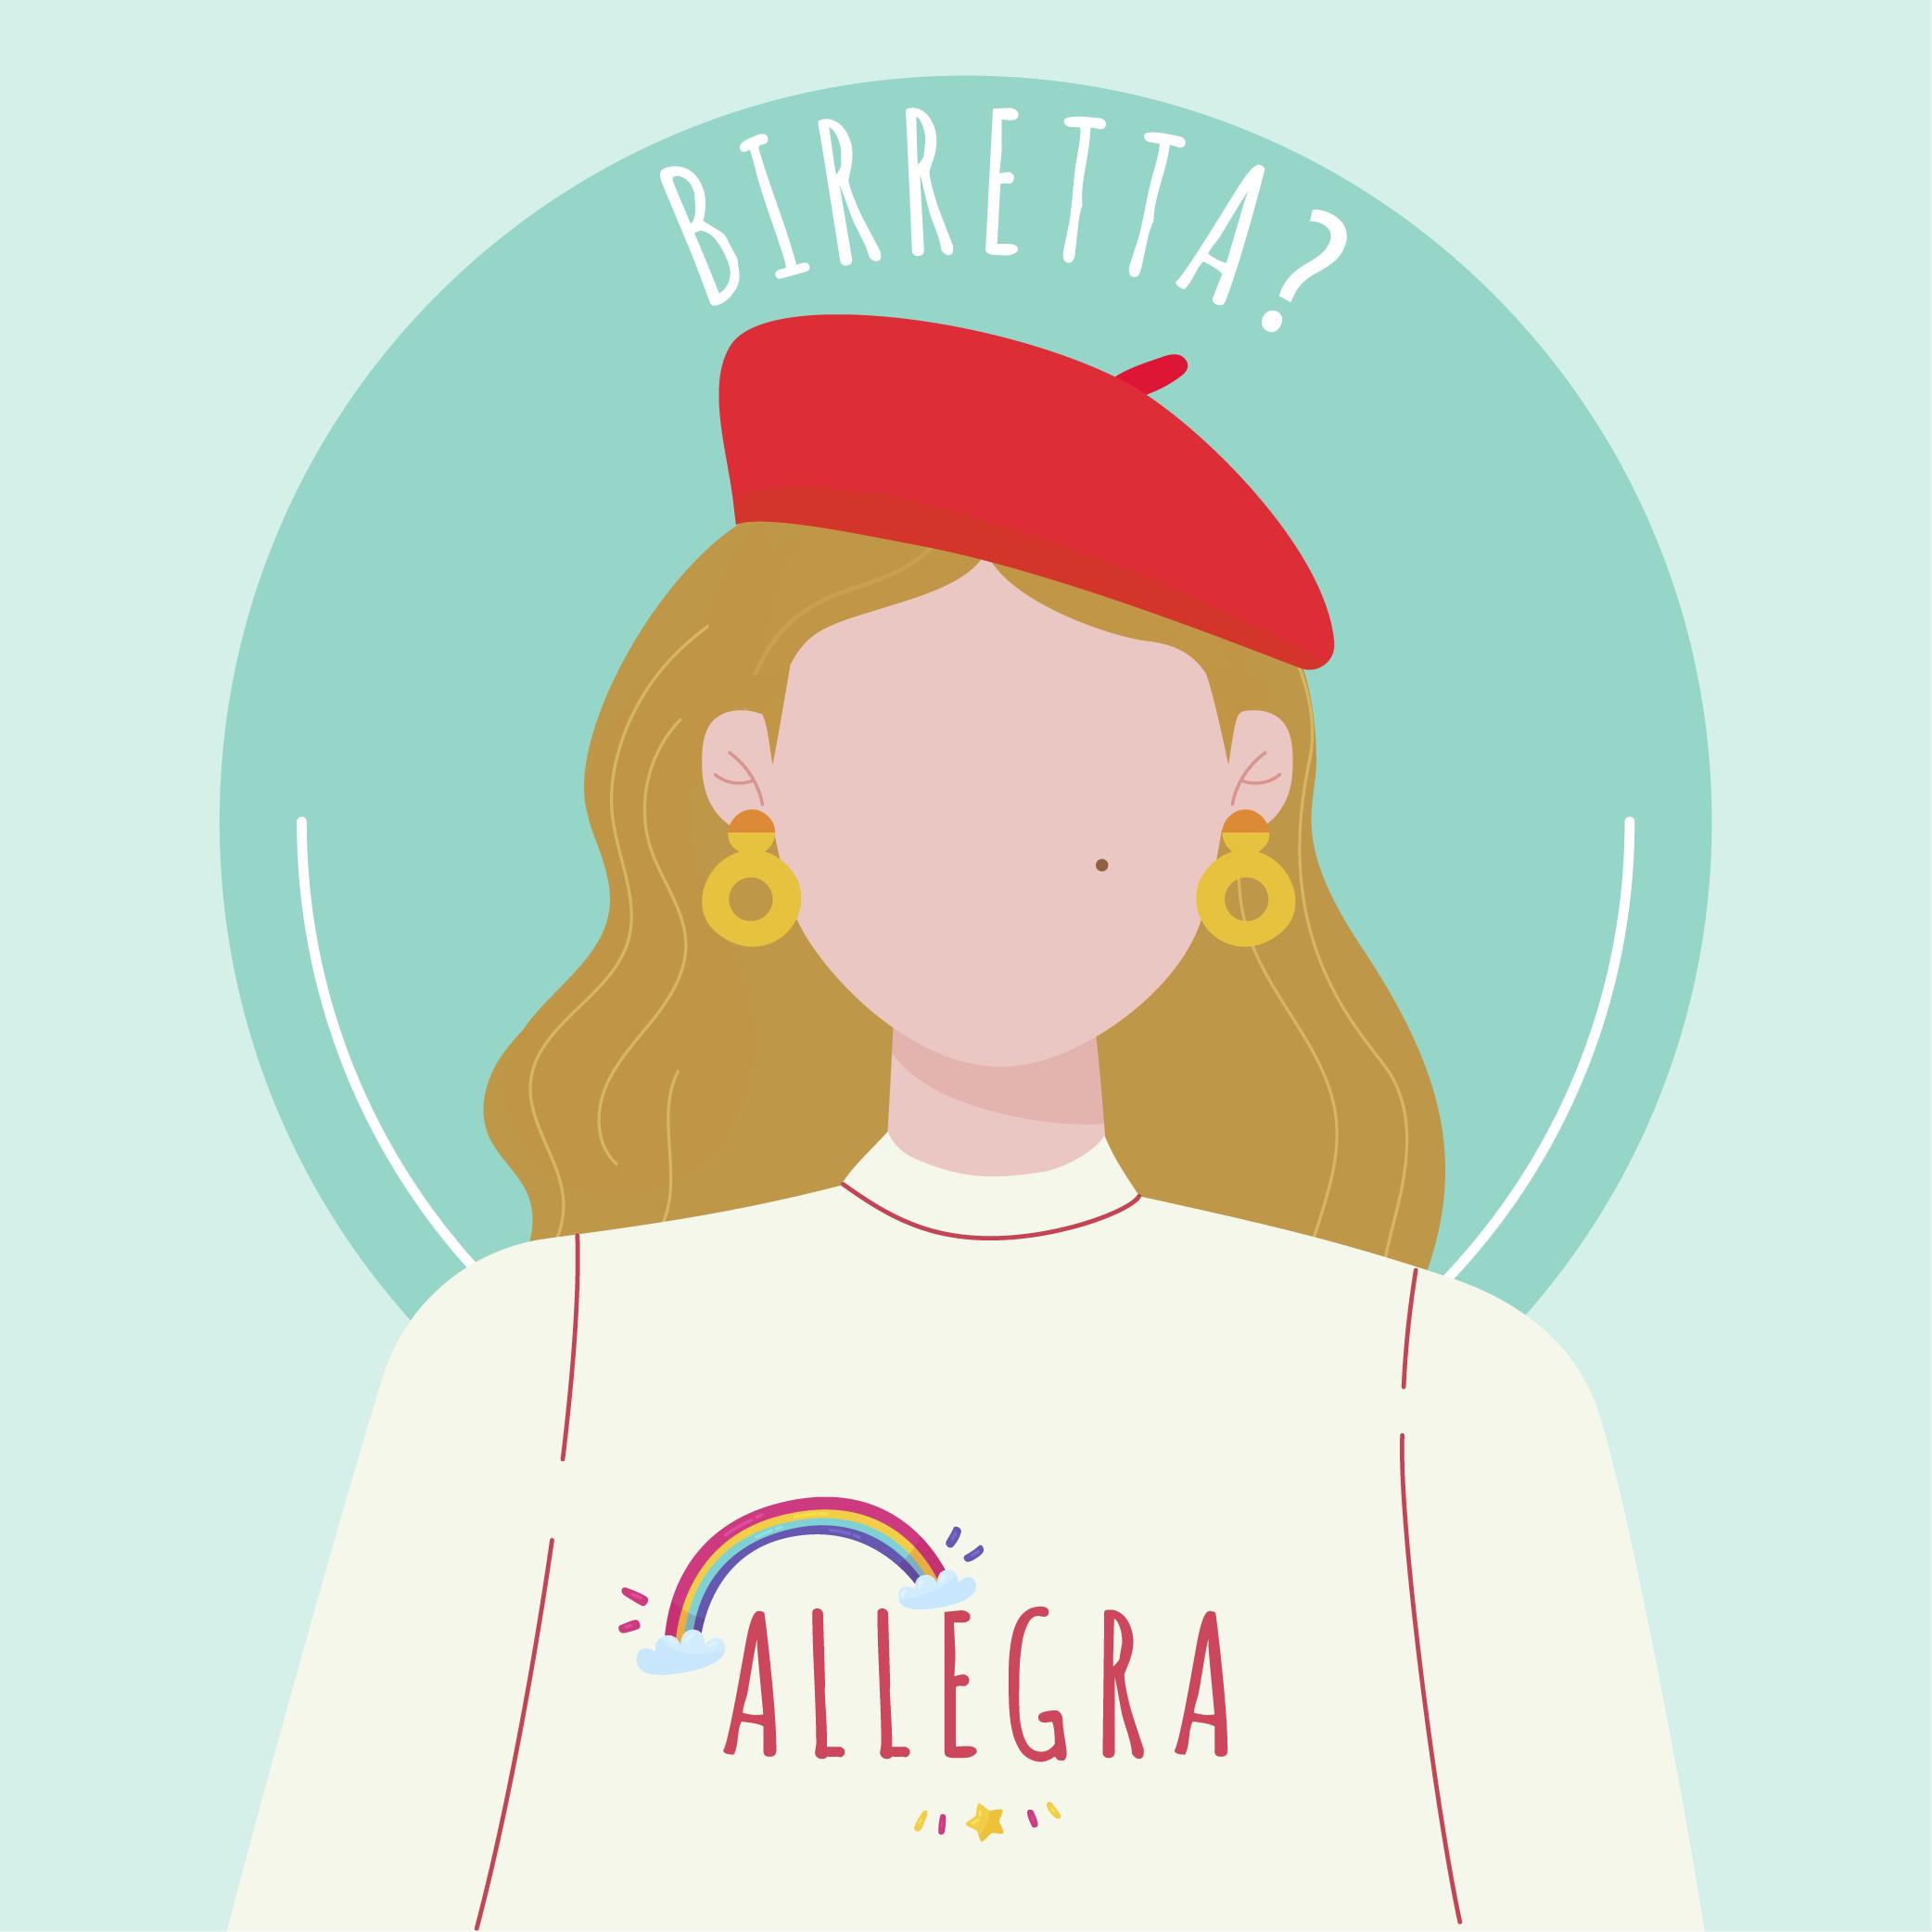 ALLEGRA-01